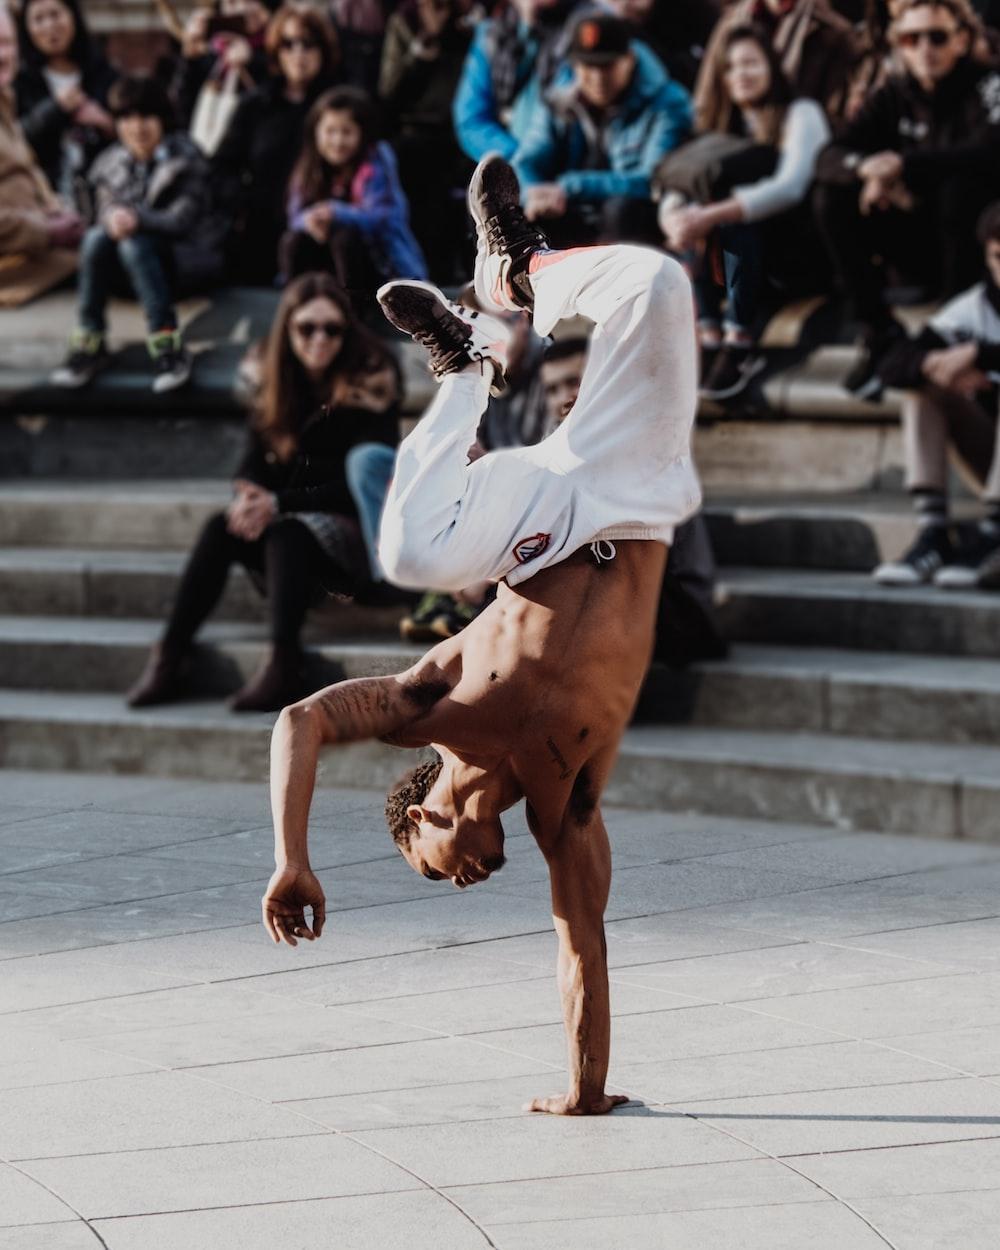 man break dance